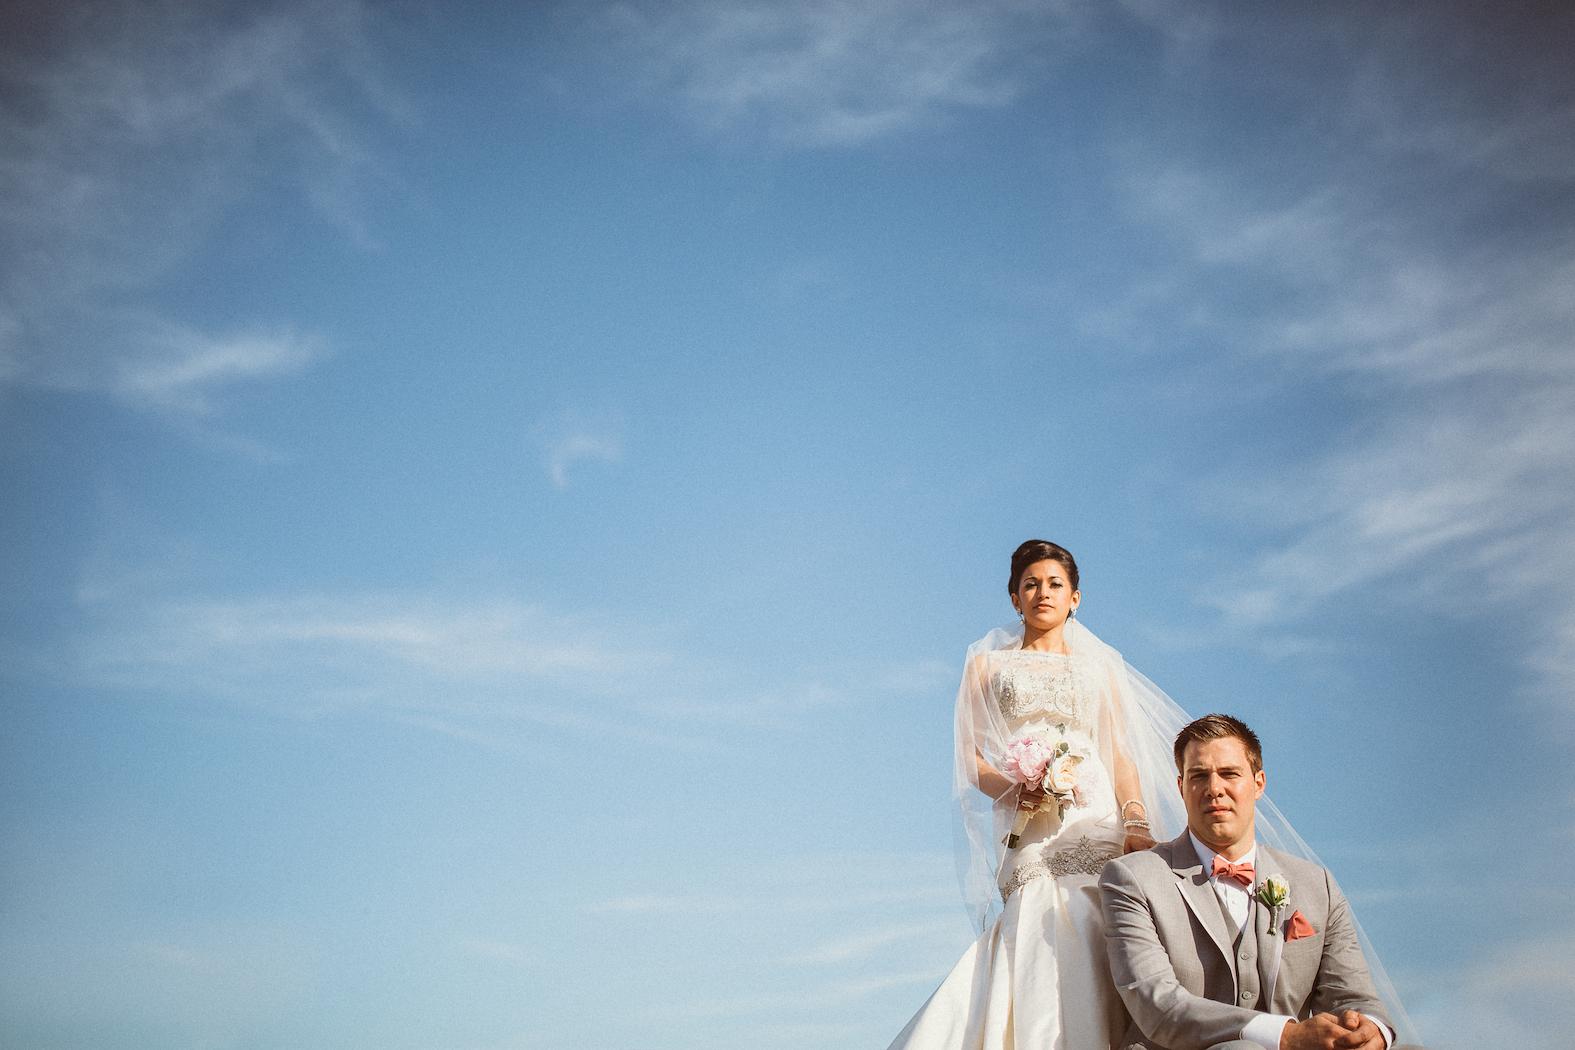 Sarah & Marc portrait.jpg